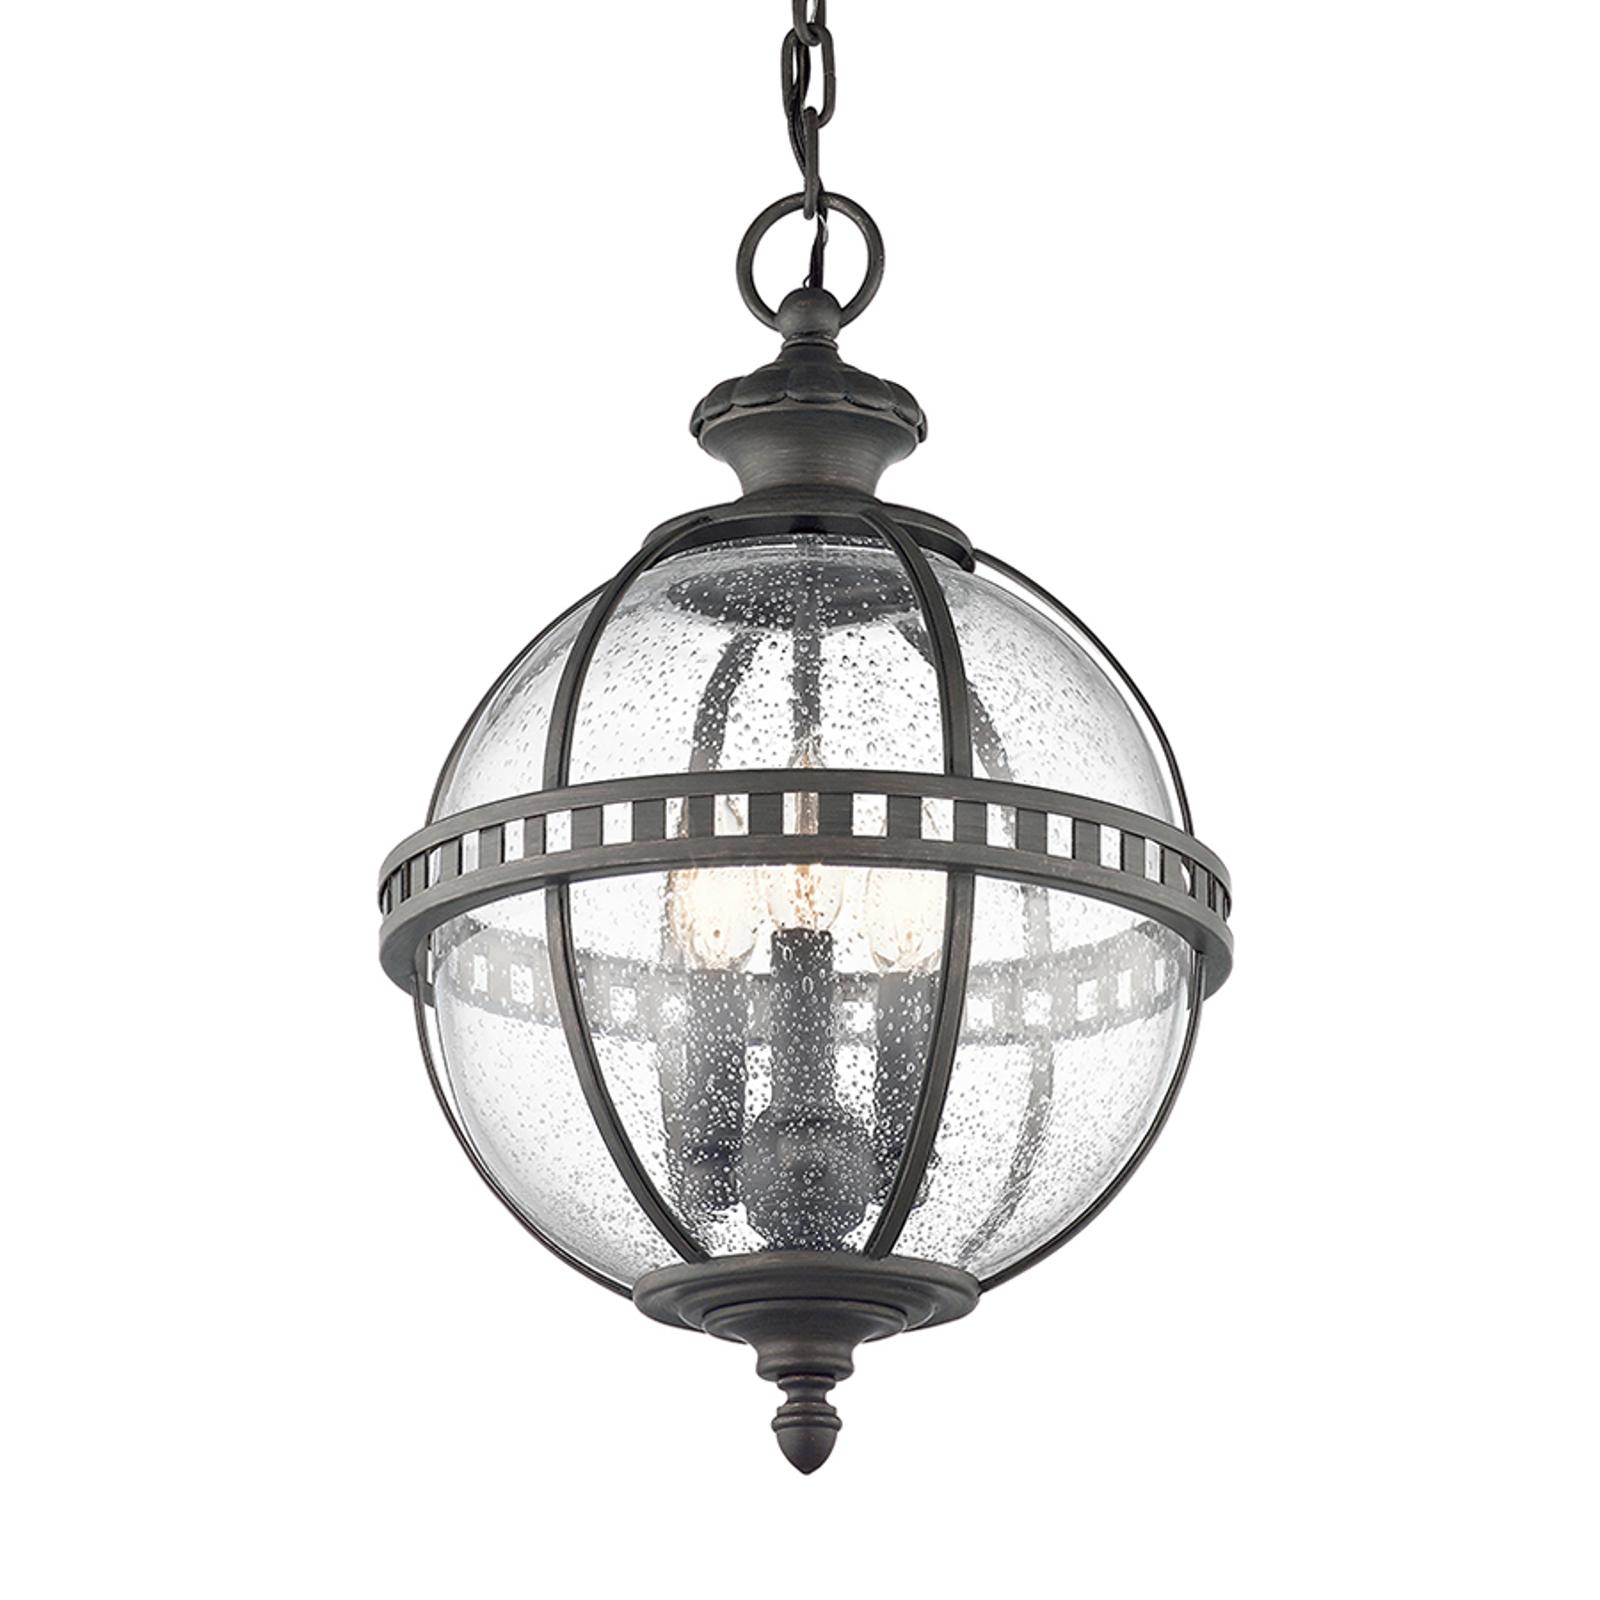 Zewnętrzna lampa wisząca Halleron, wiktoriańska